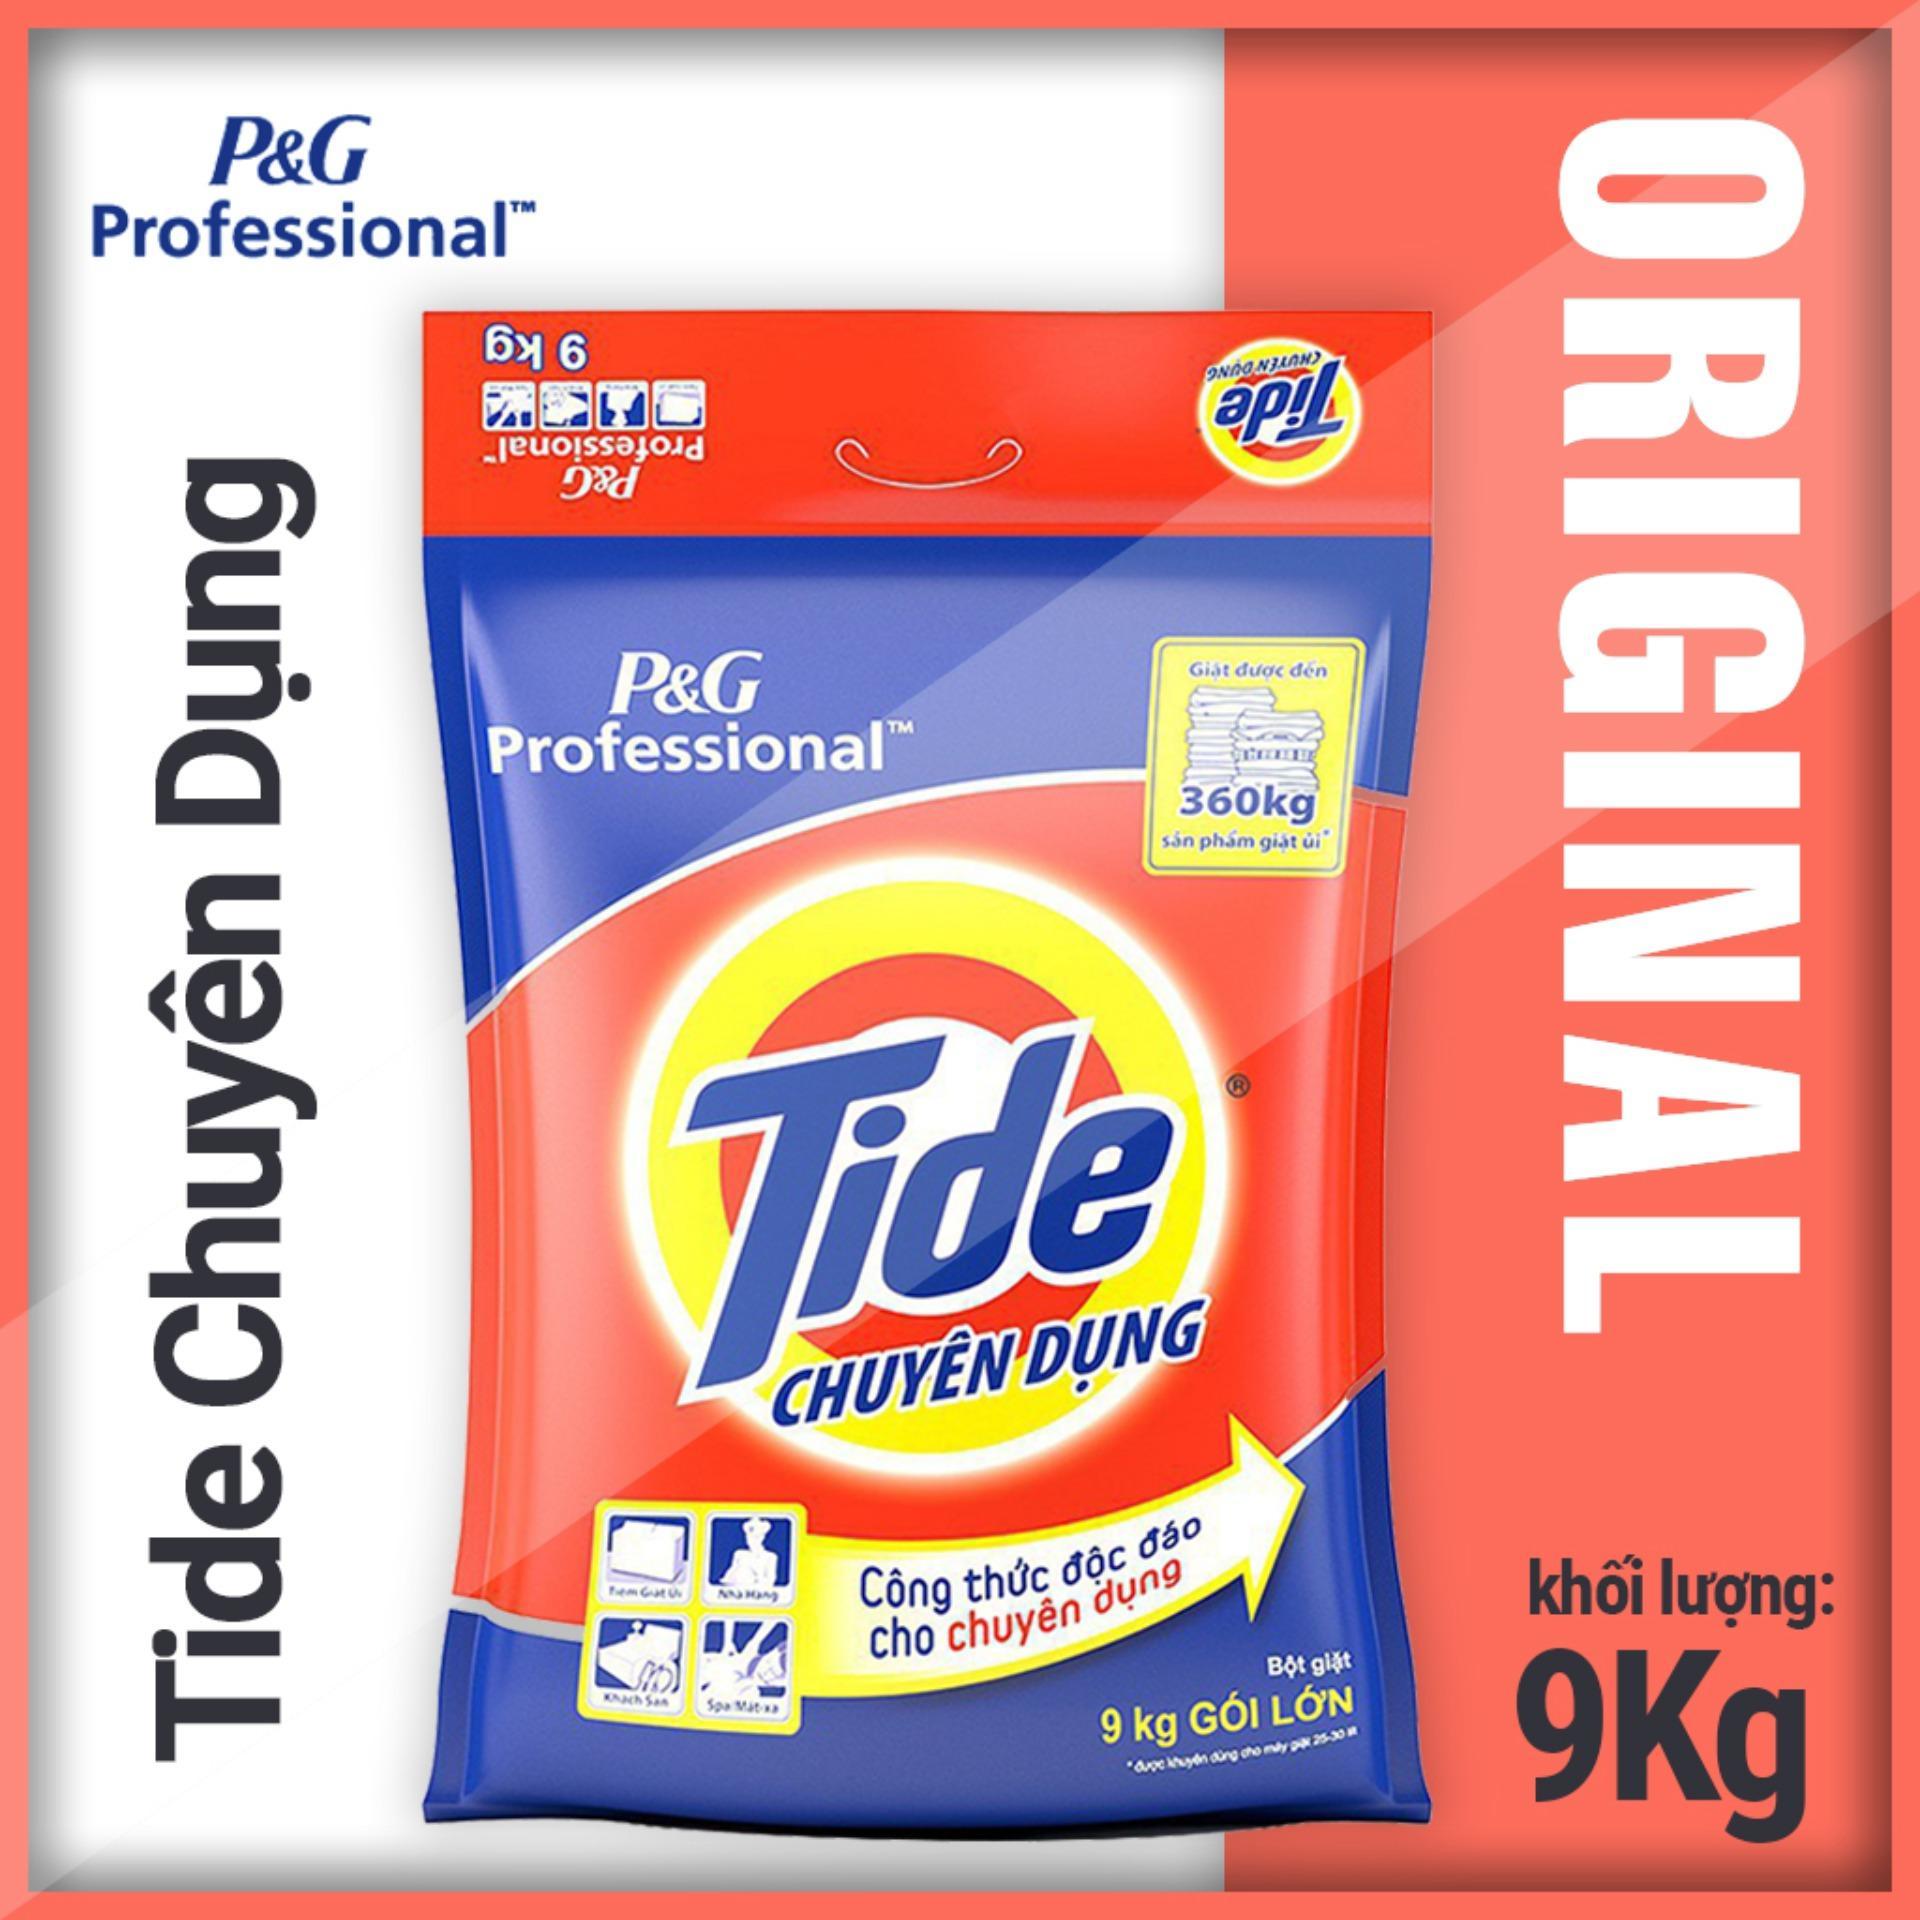 Giá Bán Bột Giặt Tide Chuyen Dụng 9Kg Vss Tide Nguyên